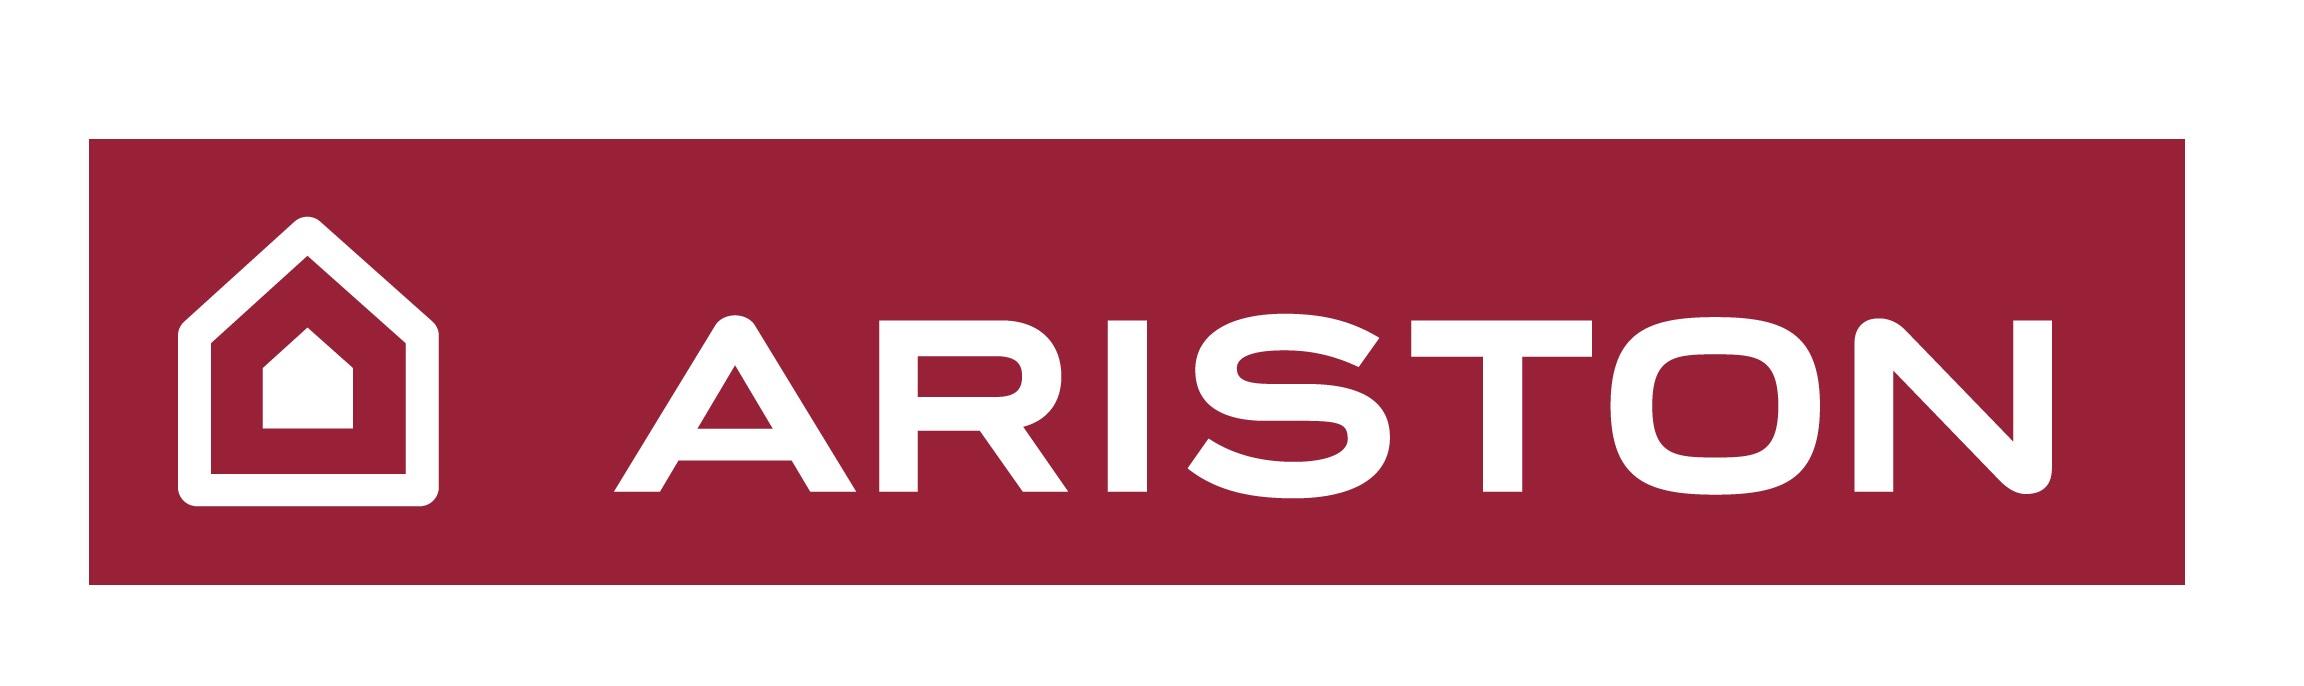 ARISTON RIFATTO